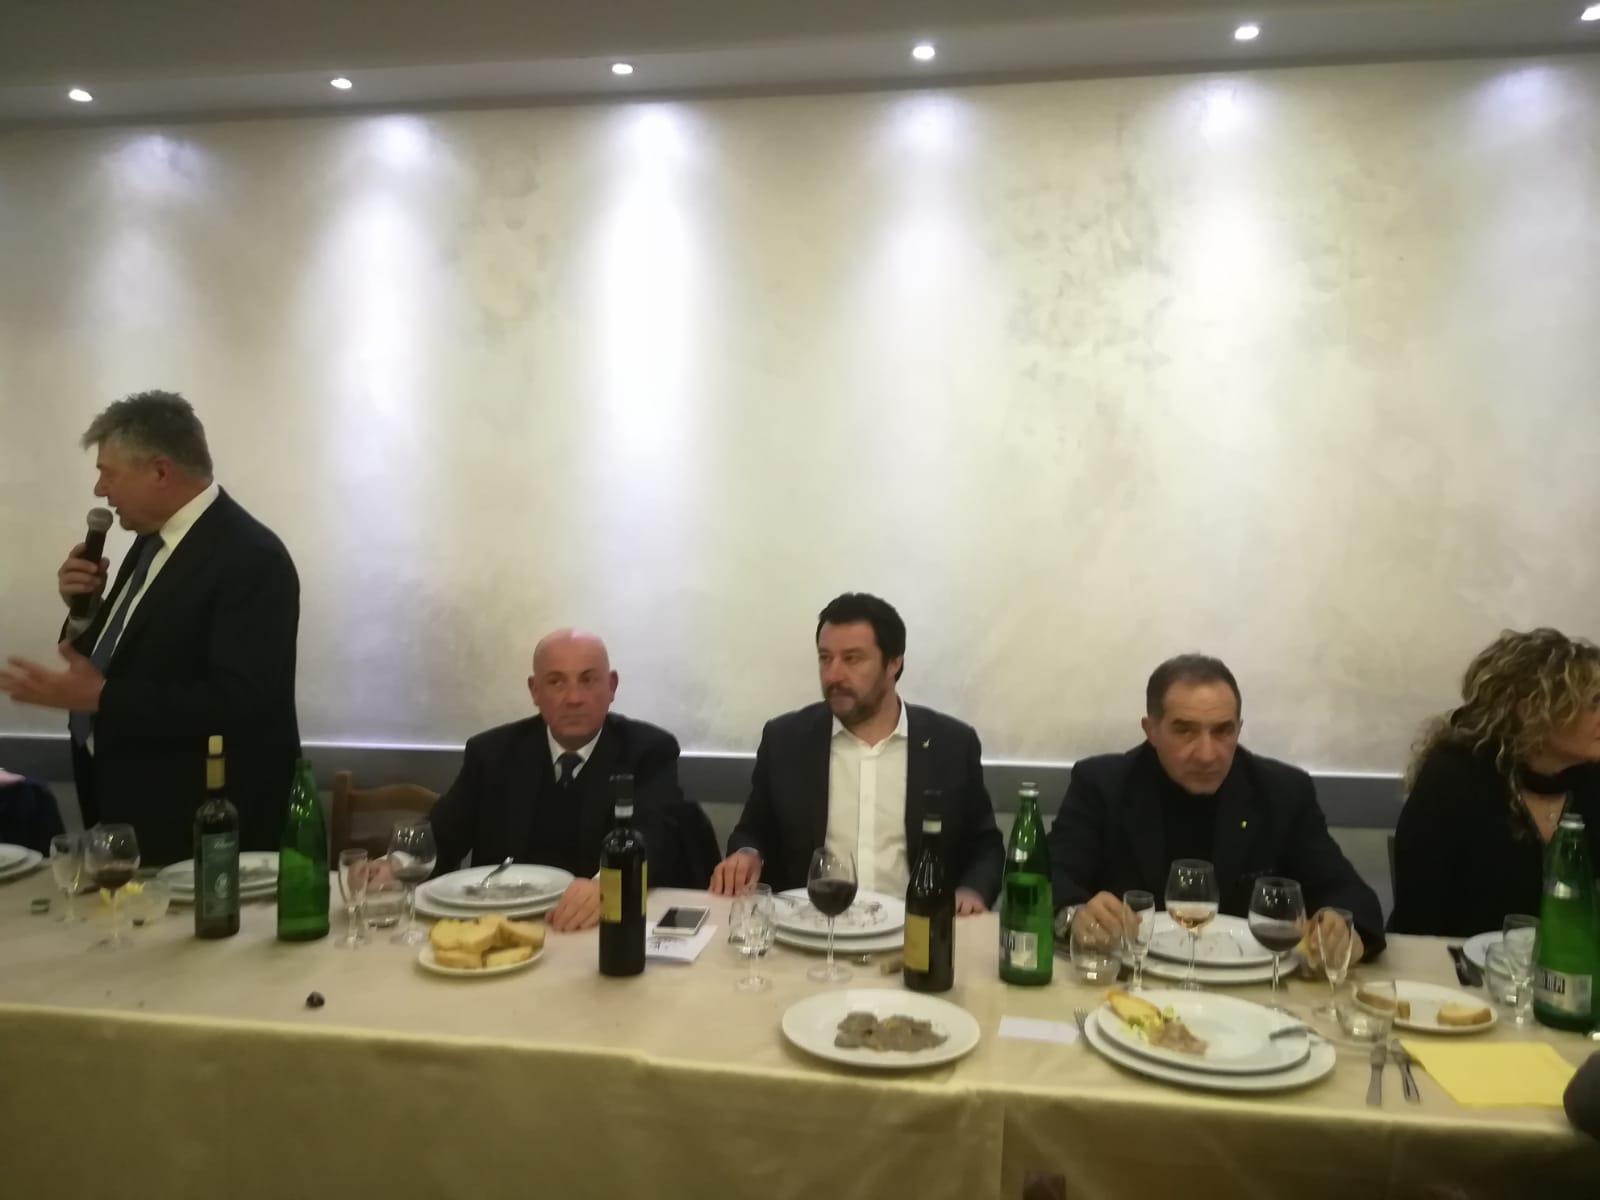 """Salvini a Viterbo: e la sera cena con 500 invitati: il leader va via prima del """"maialino arrosto"""" dando appuntamento alla sfilata del """"carro"""" del 3 settembre"""